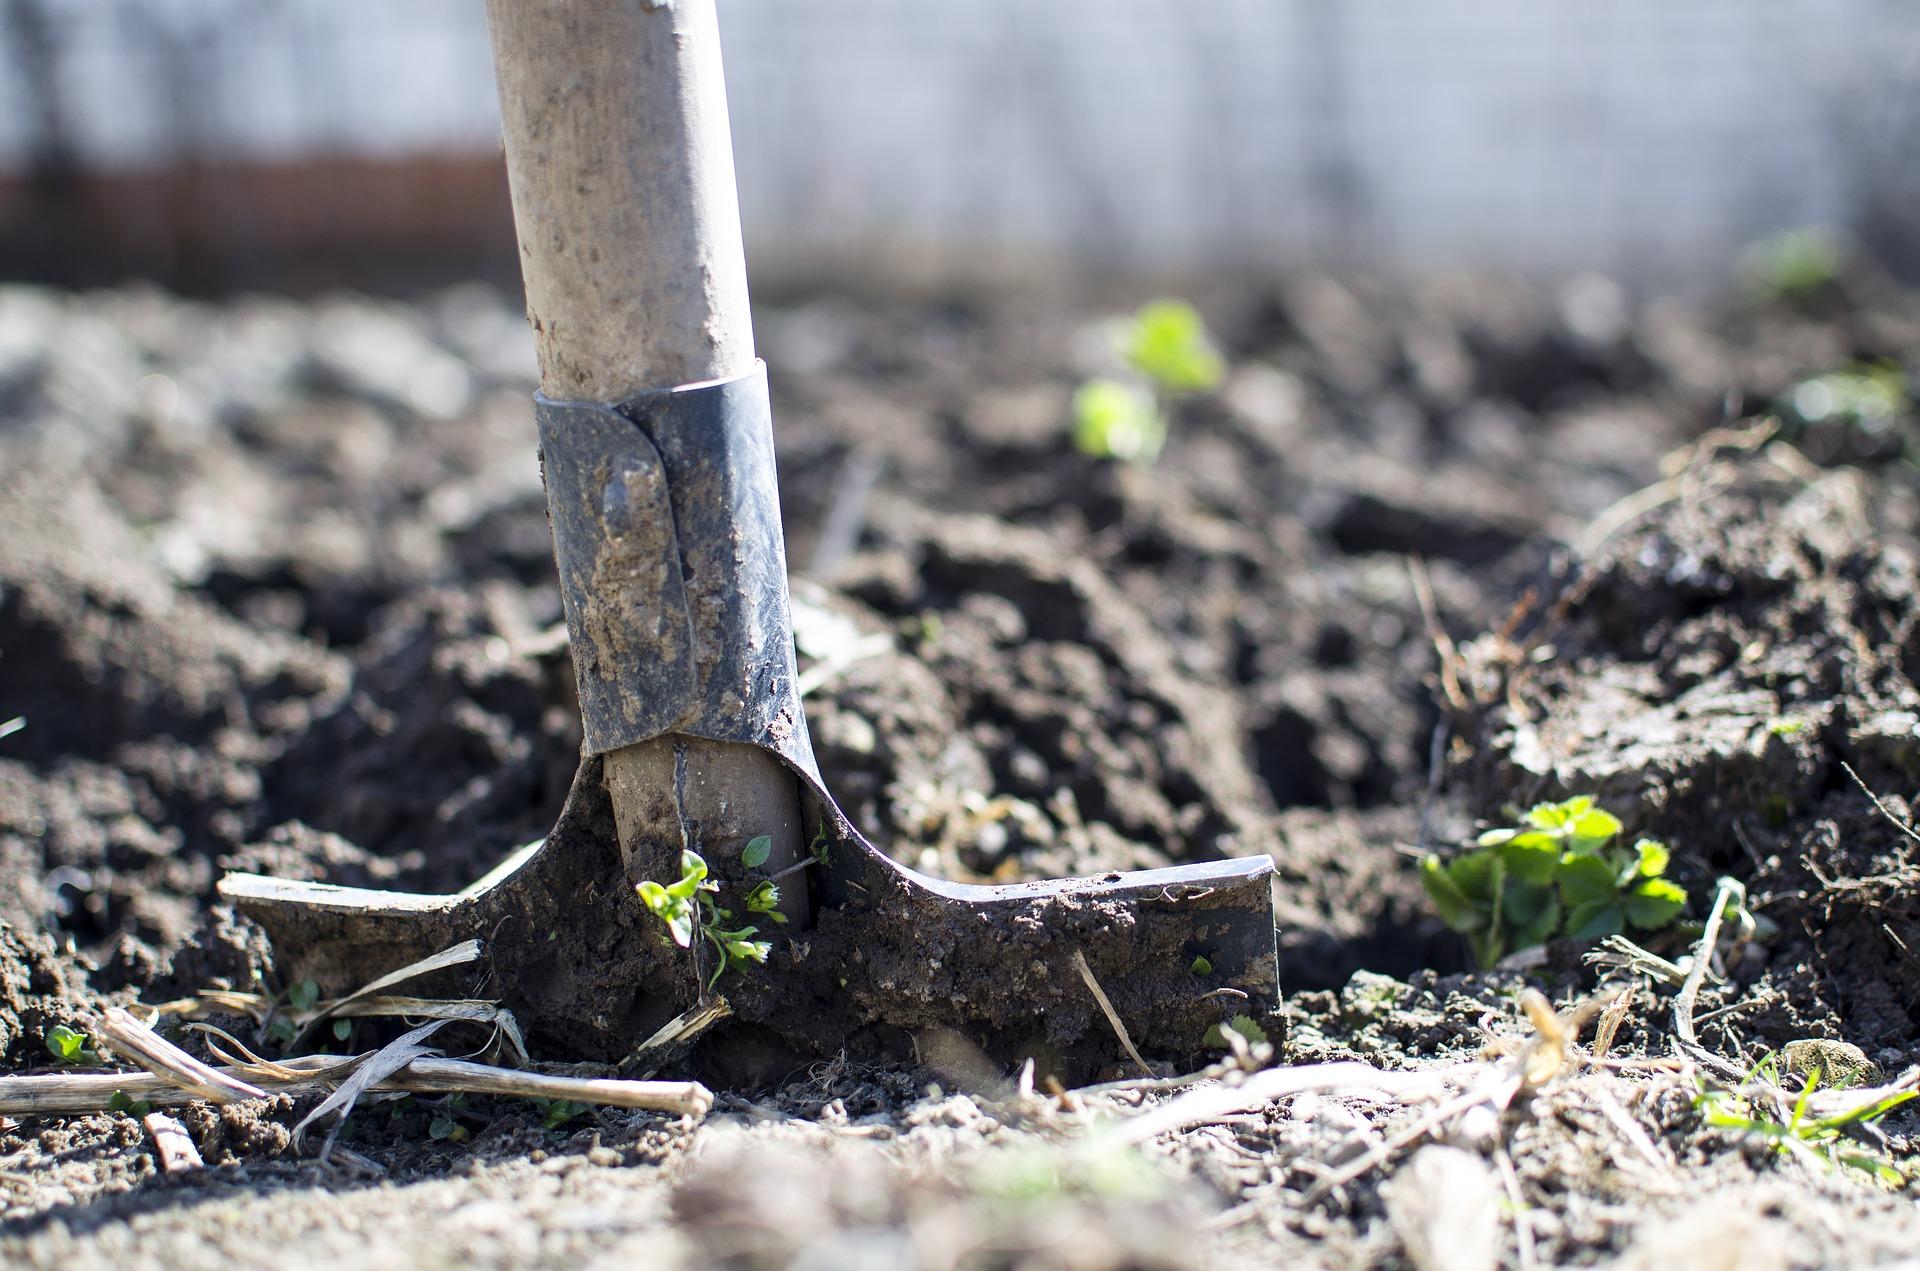 Erdbohrer Pflanzen einpflanzen Gartenarbeit